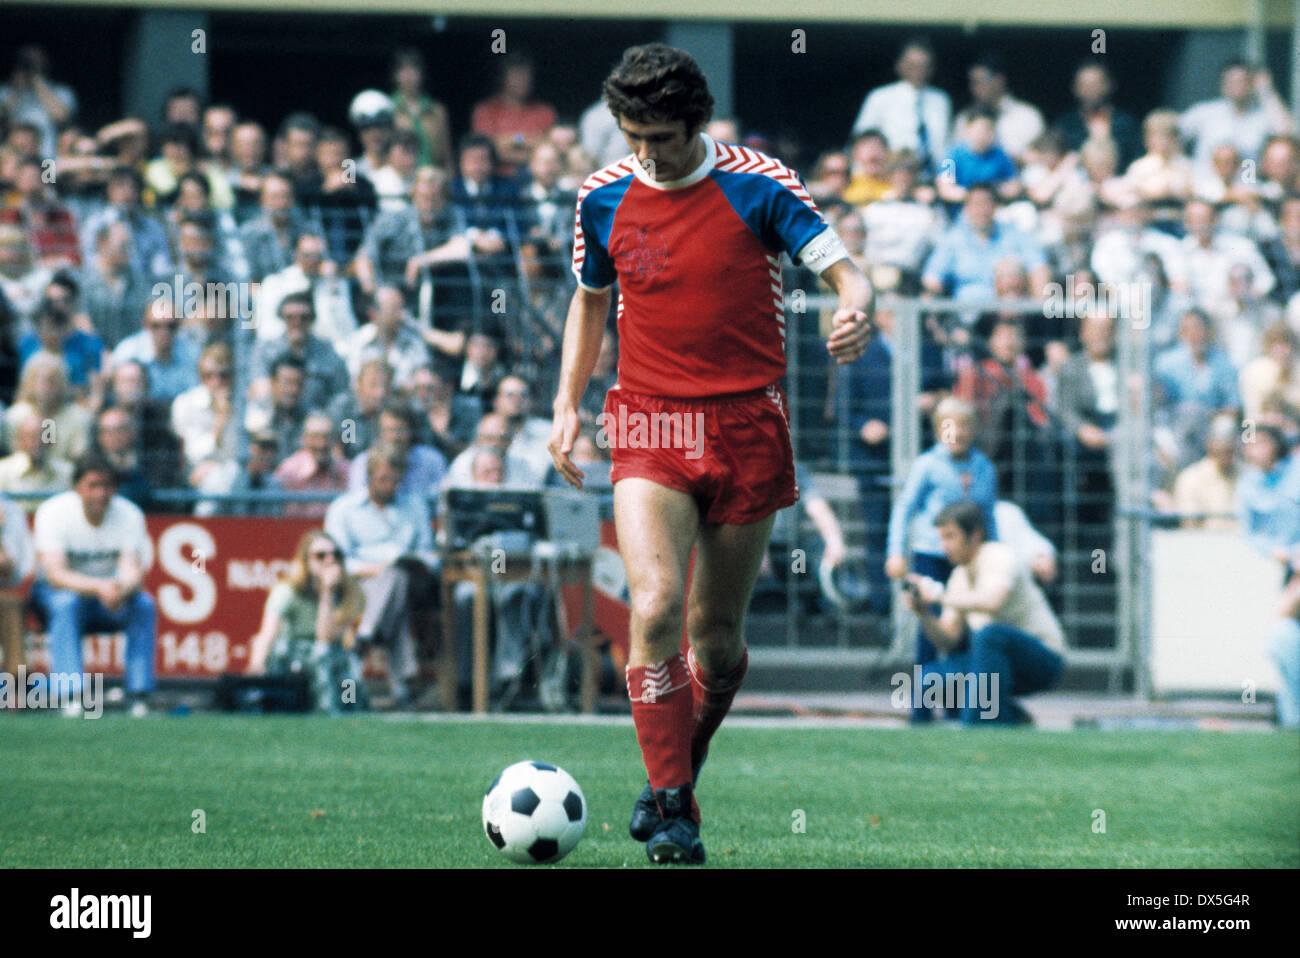 football, 2. Bundesliga Nord, 2. Bundesliga Sued, 1974/1975, relegation match to Bundesliga 1975/1976, return leg, Grotenburg Stadium in Krefeld, FC Bayer 05 Uerdingen versus FK Pirmasens 6:0, team leader Paul Hahn (Uerdingen) in ball possession - Stock Image